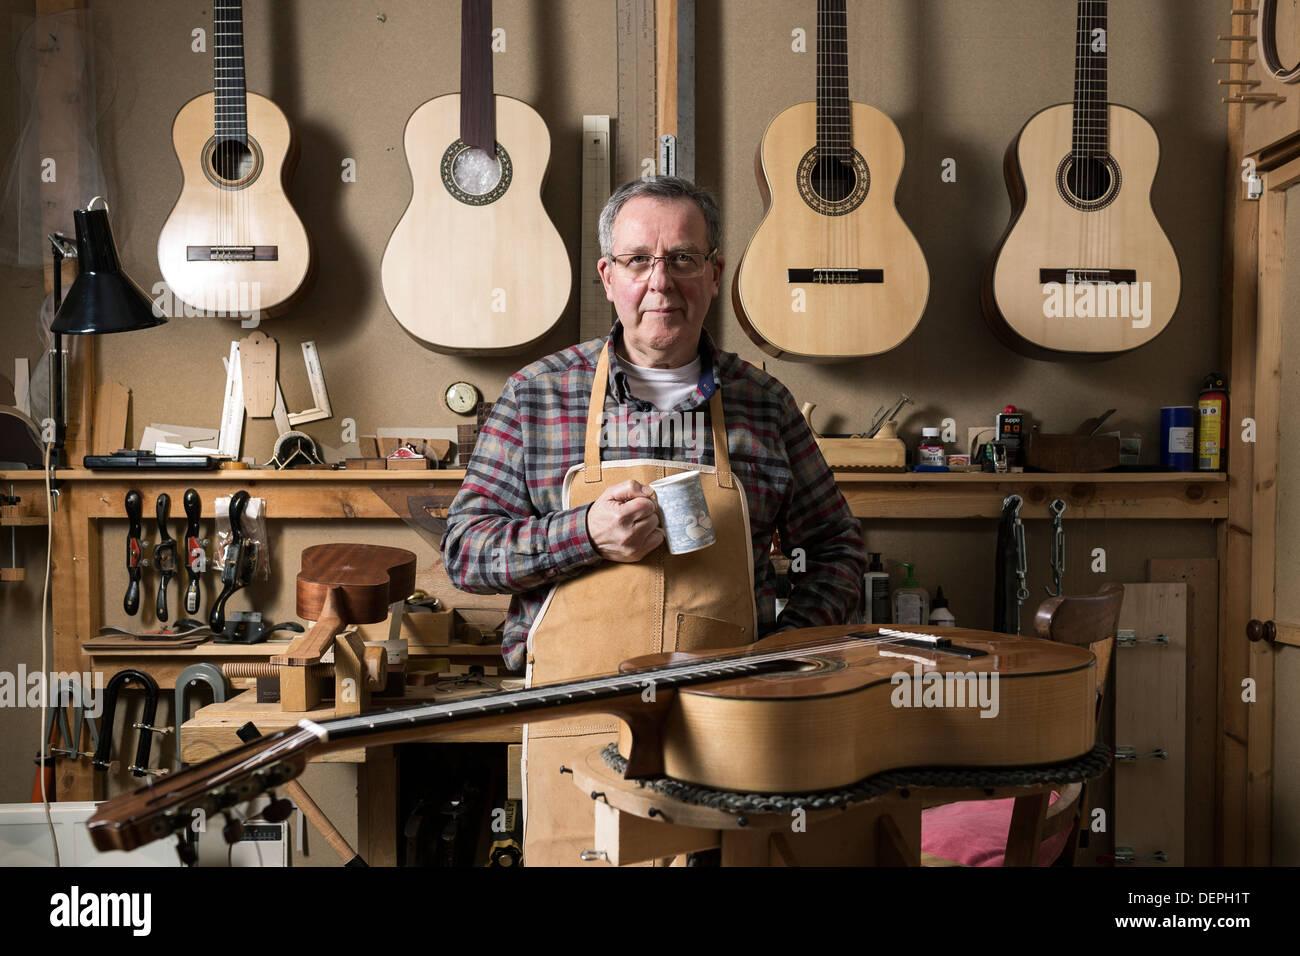 Luthier debout dans l'atelier, portrait Photo Stock